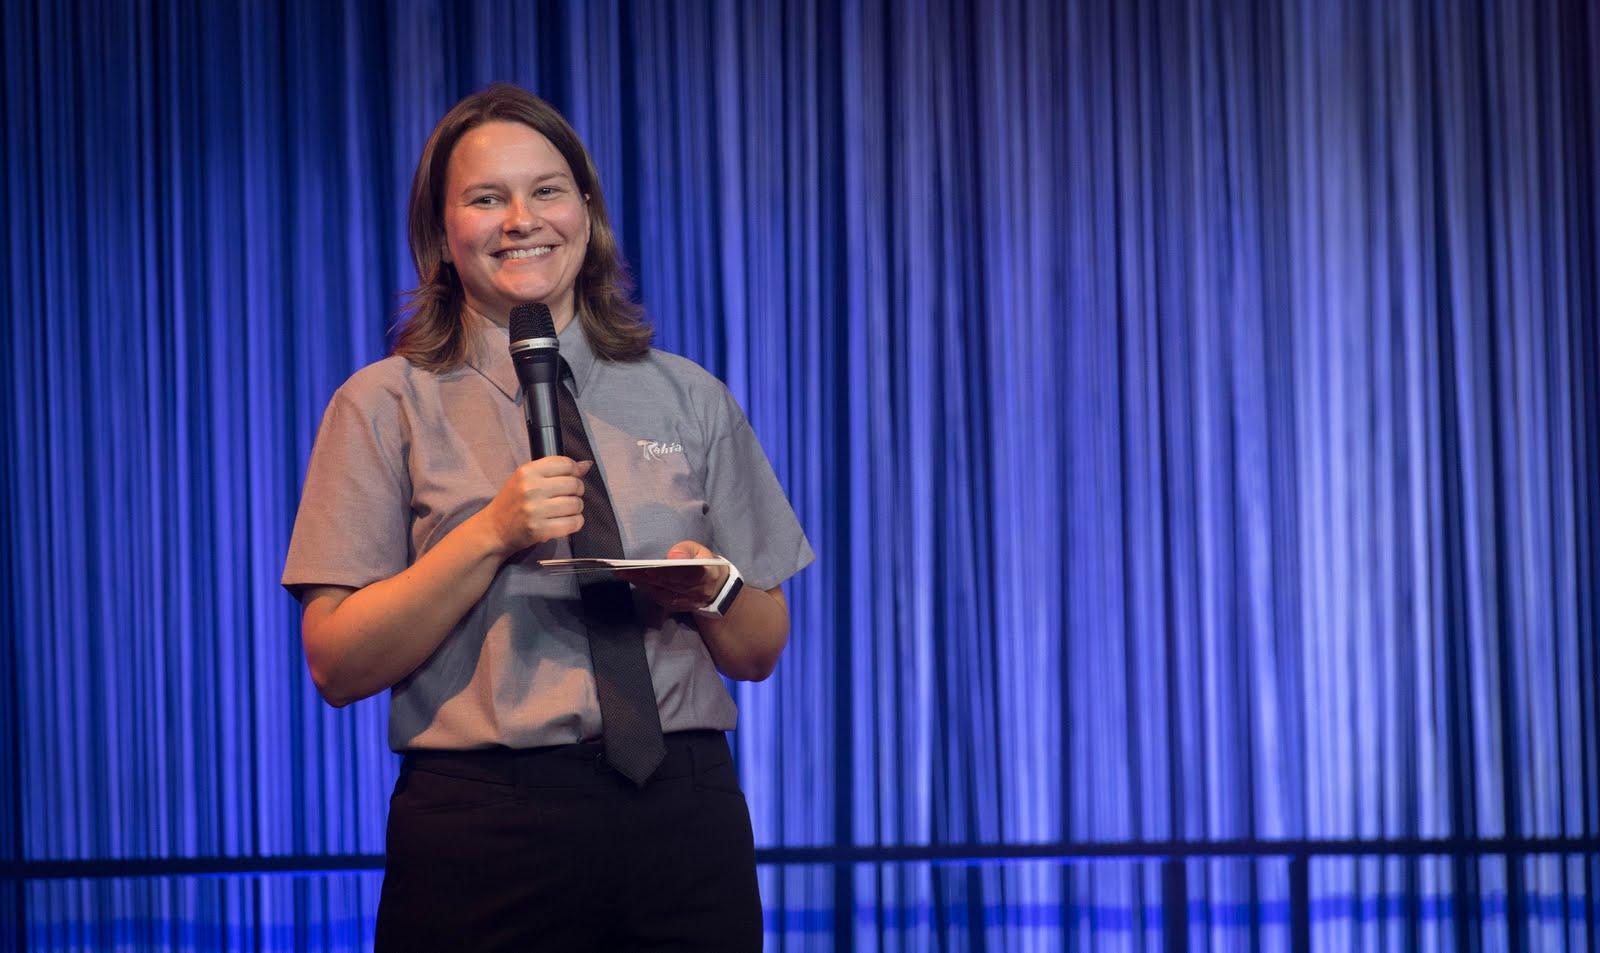 Organisationschefin Hanna Seppä begrüßte dann die Teilnehmer und Gäste...